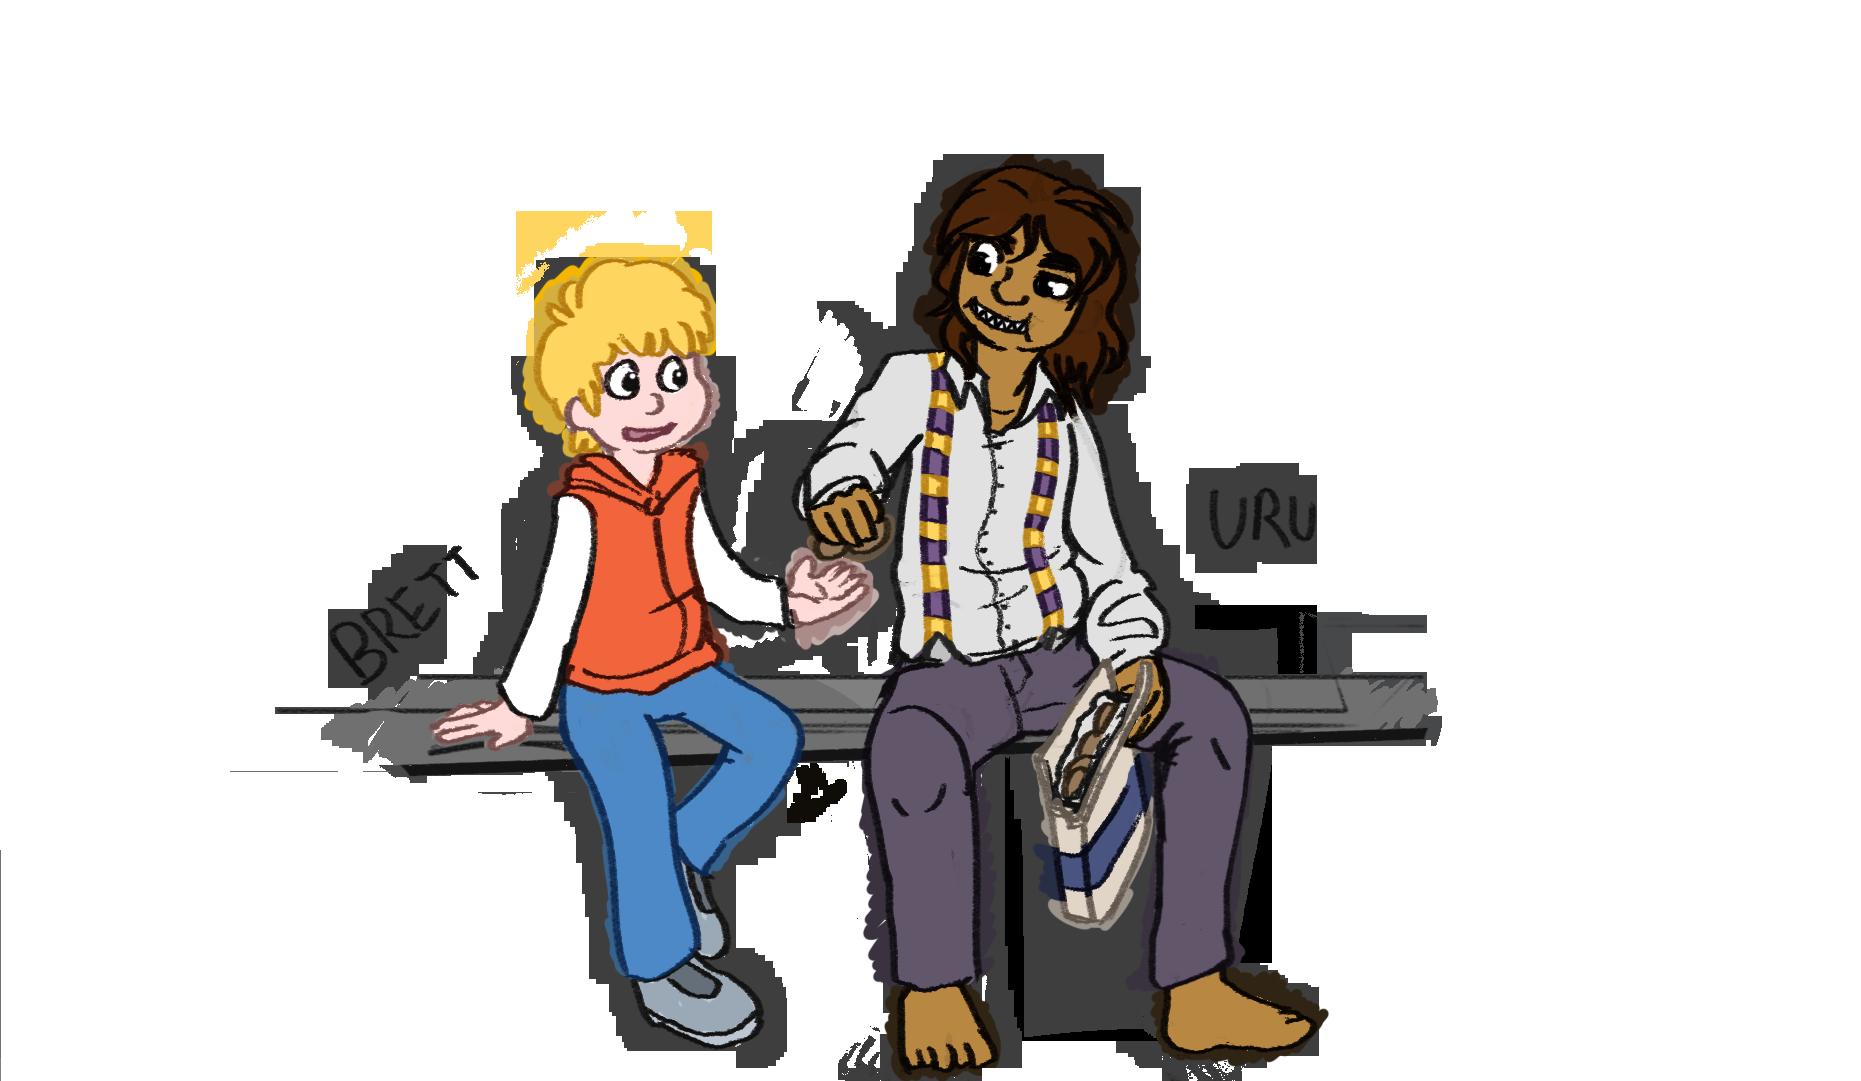 Brett and Uru